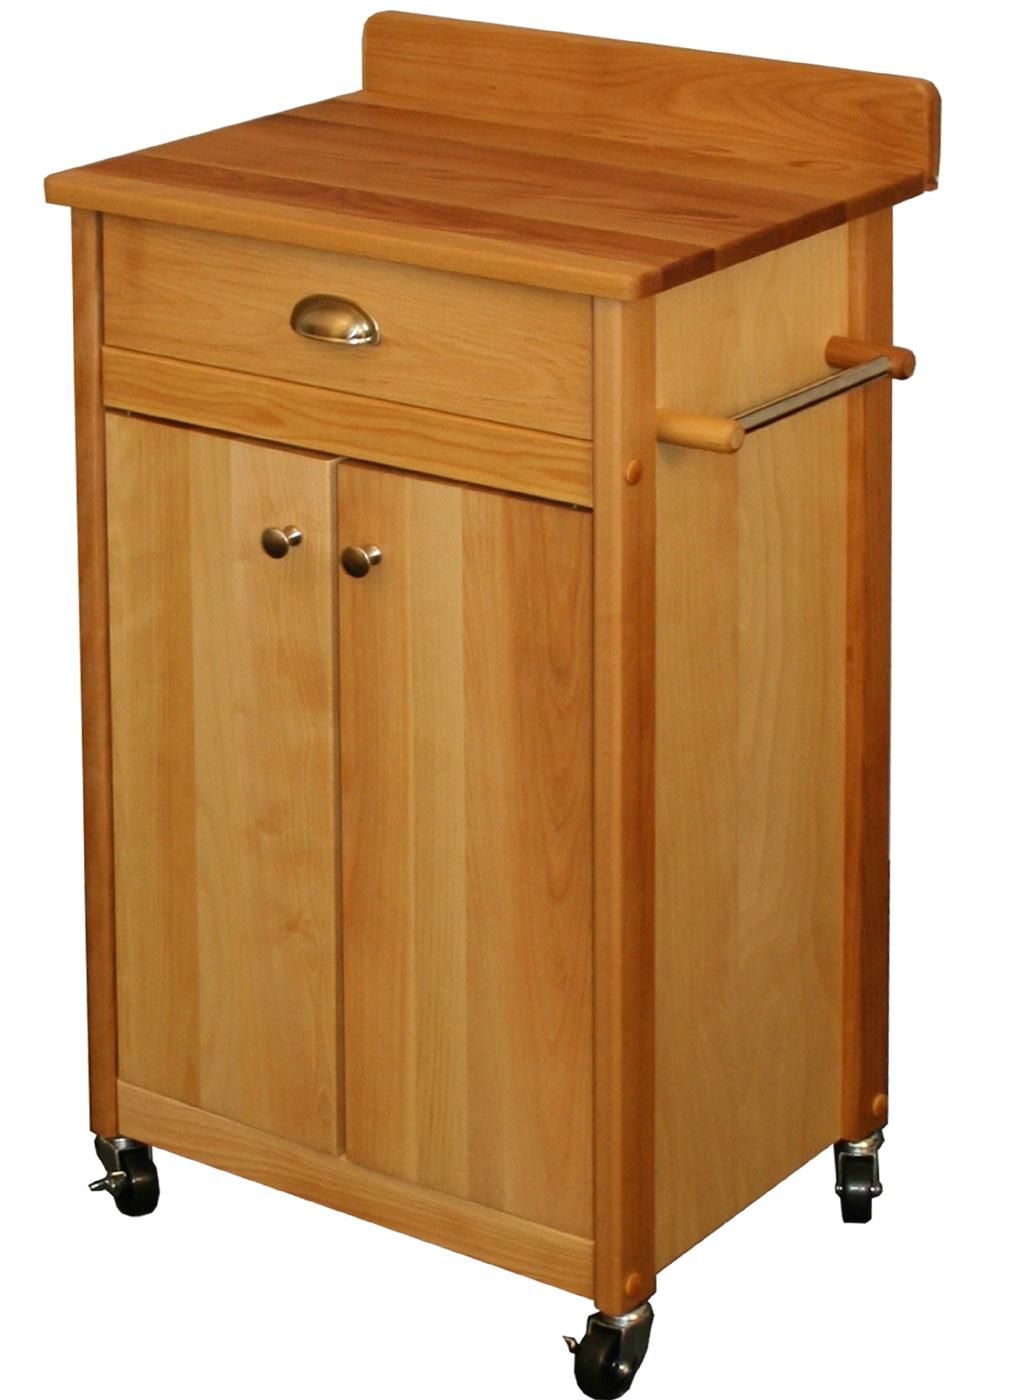 butcher block cart with backsplash in kitchen island carts. Black Bedroom Furniture Sets. Home Design Ideas